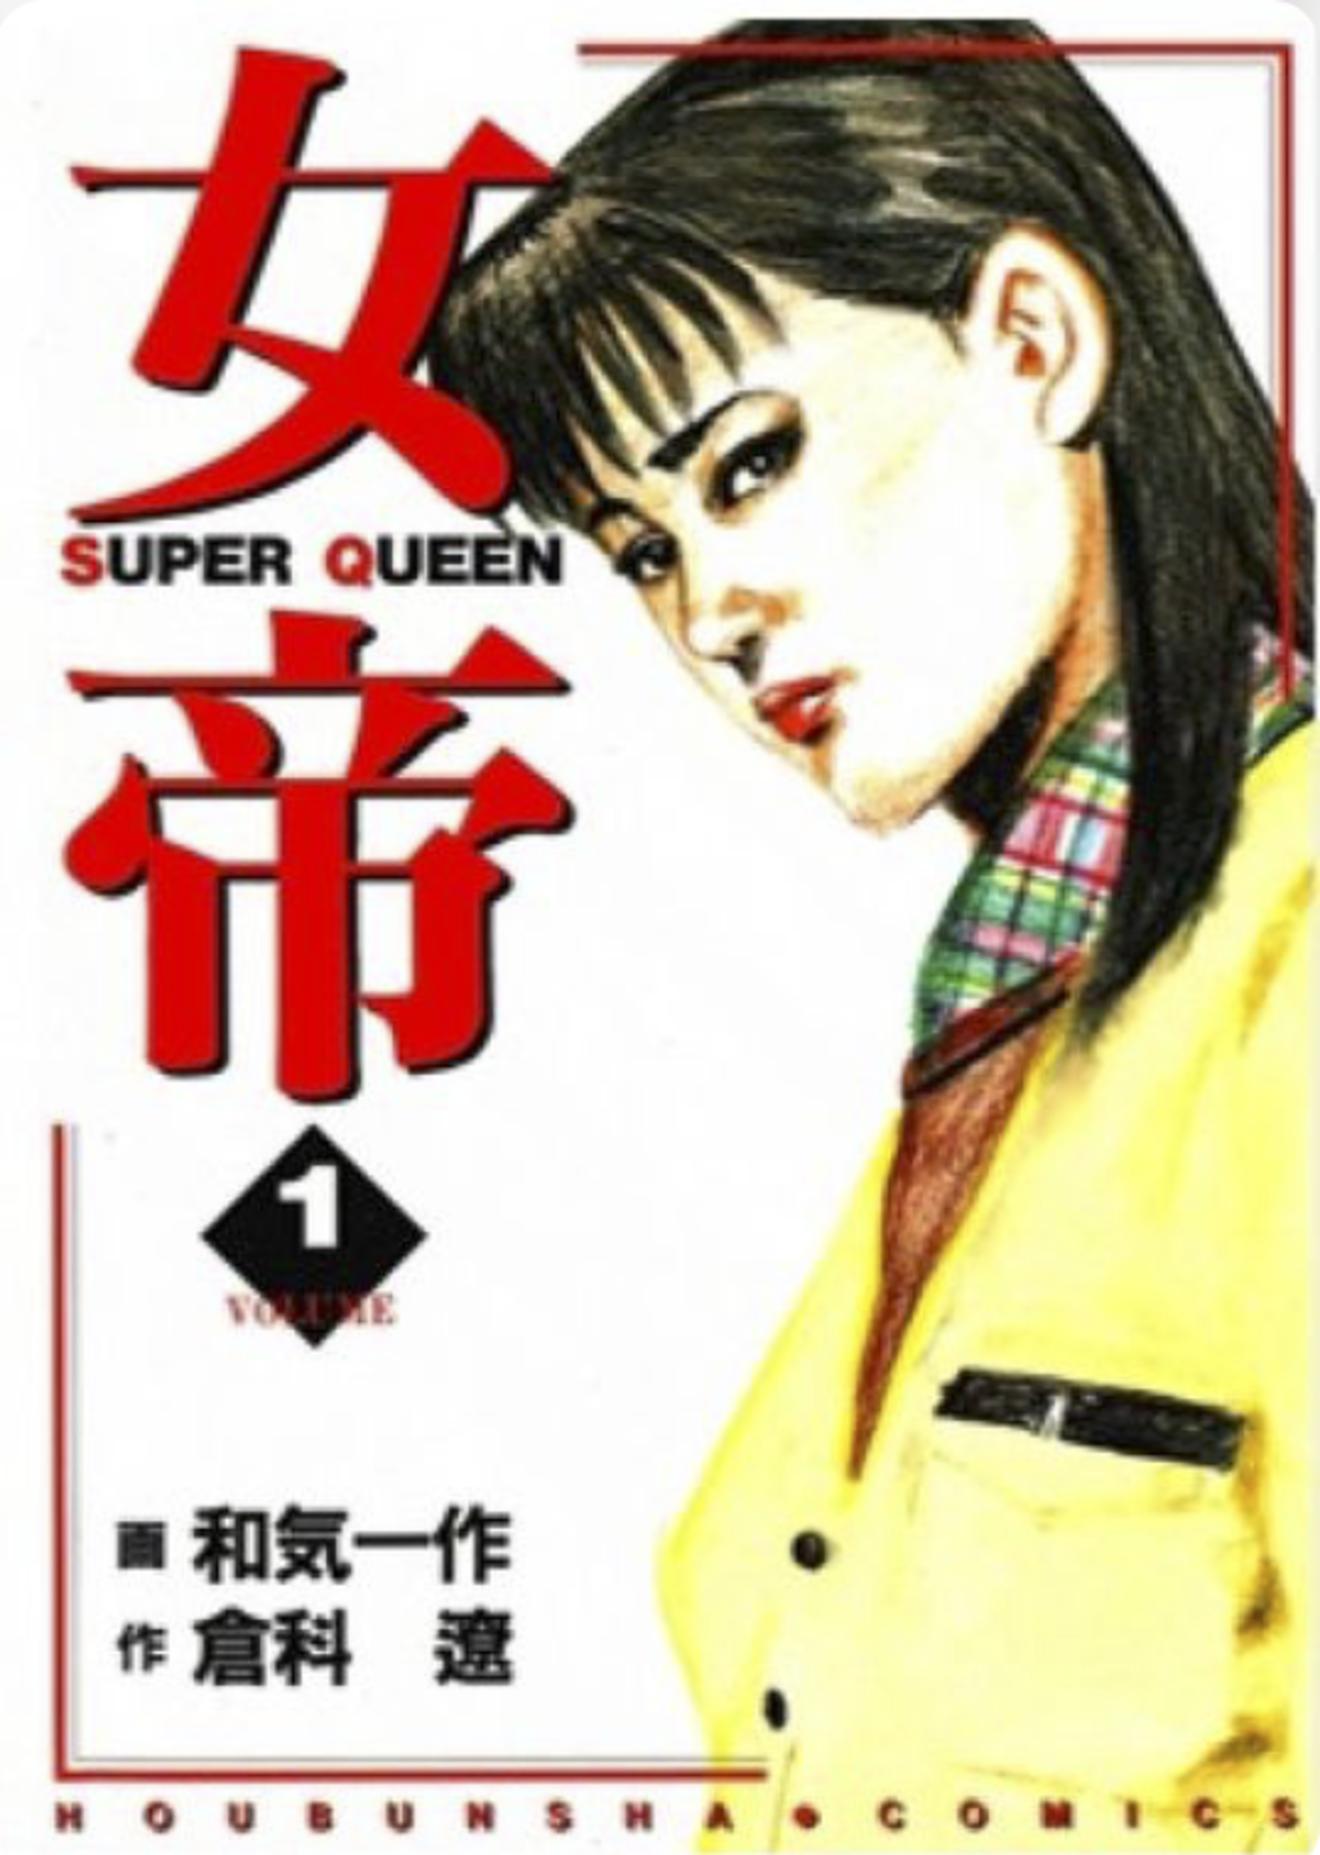 漫画『女帝』が面白い!全24巻、彩香の激動の人生をネタバレ紹介!